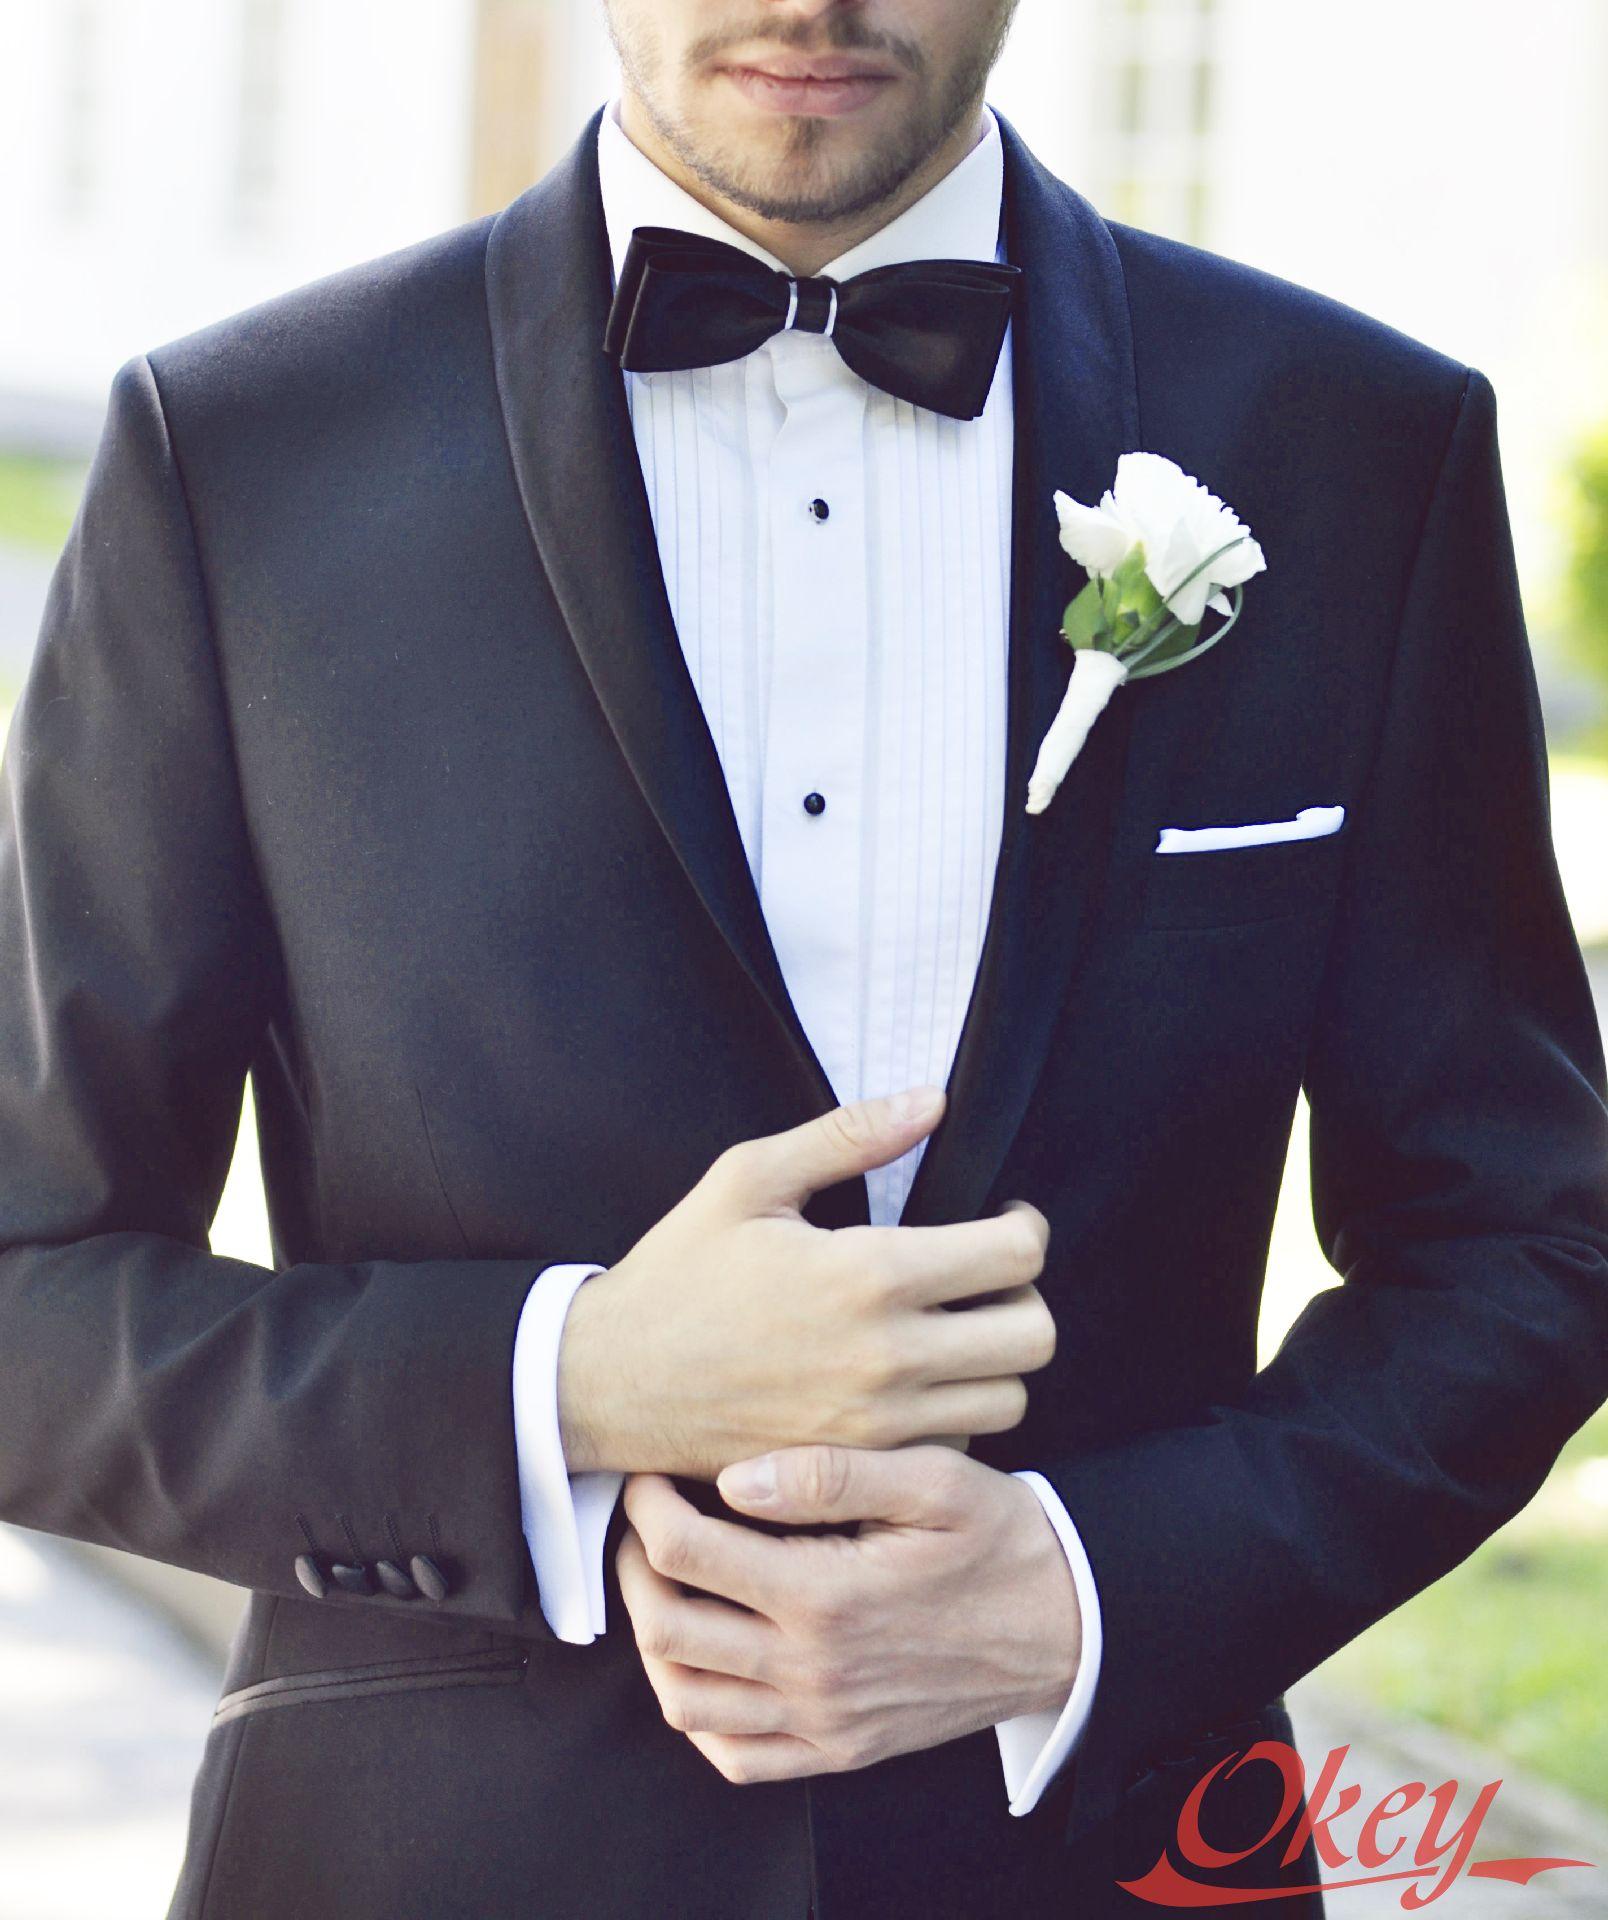 63cd5d3621cf3 Bogaty wybór kolorów, fasonów i rozmiarów pozwoli Państwu wybrać  odpowiednio dopasowany garnitur ślubny który będzie dopełnieniem tej  wyjątkowej chwili.